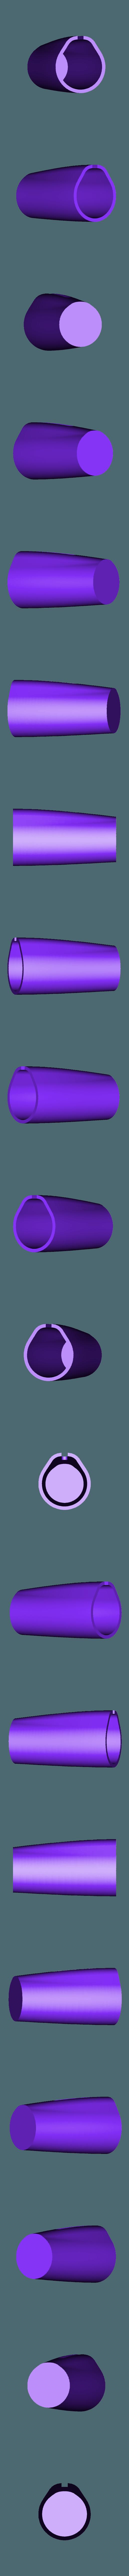 Synergy_Fishing_Rod_Cap_v1-2.STL Télécharger fichier STL gratuit Poteaux de pêche • Objet pour impression 3D, WalterHsiao